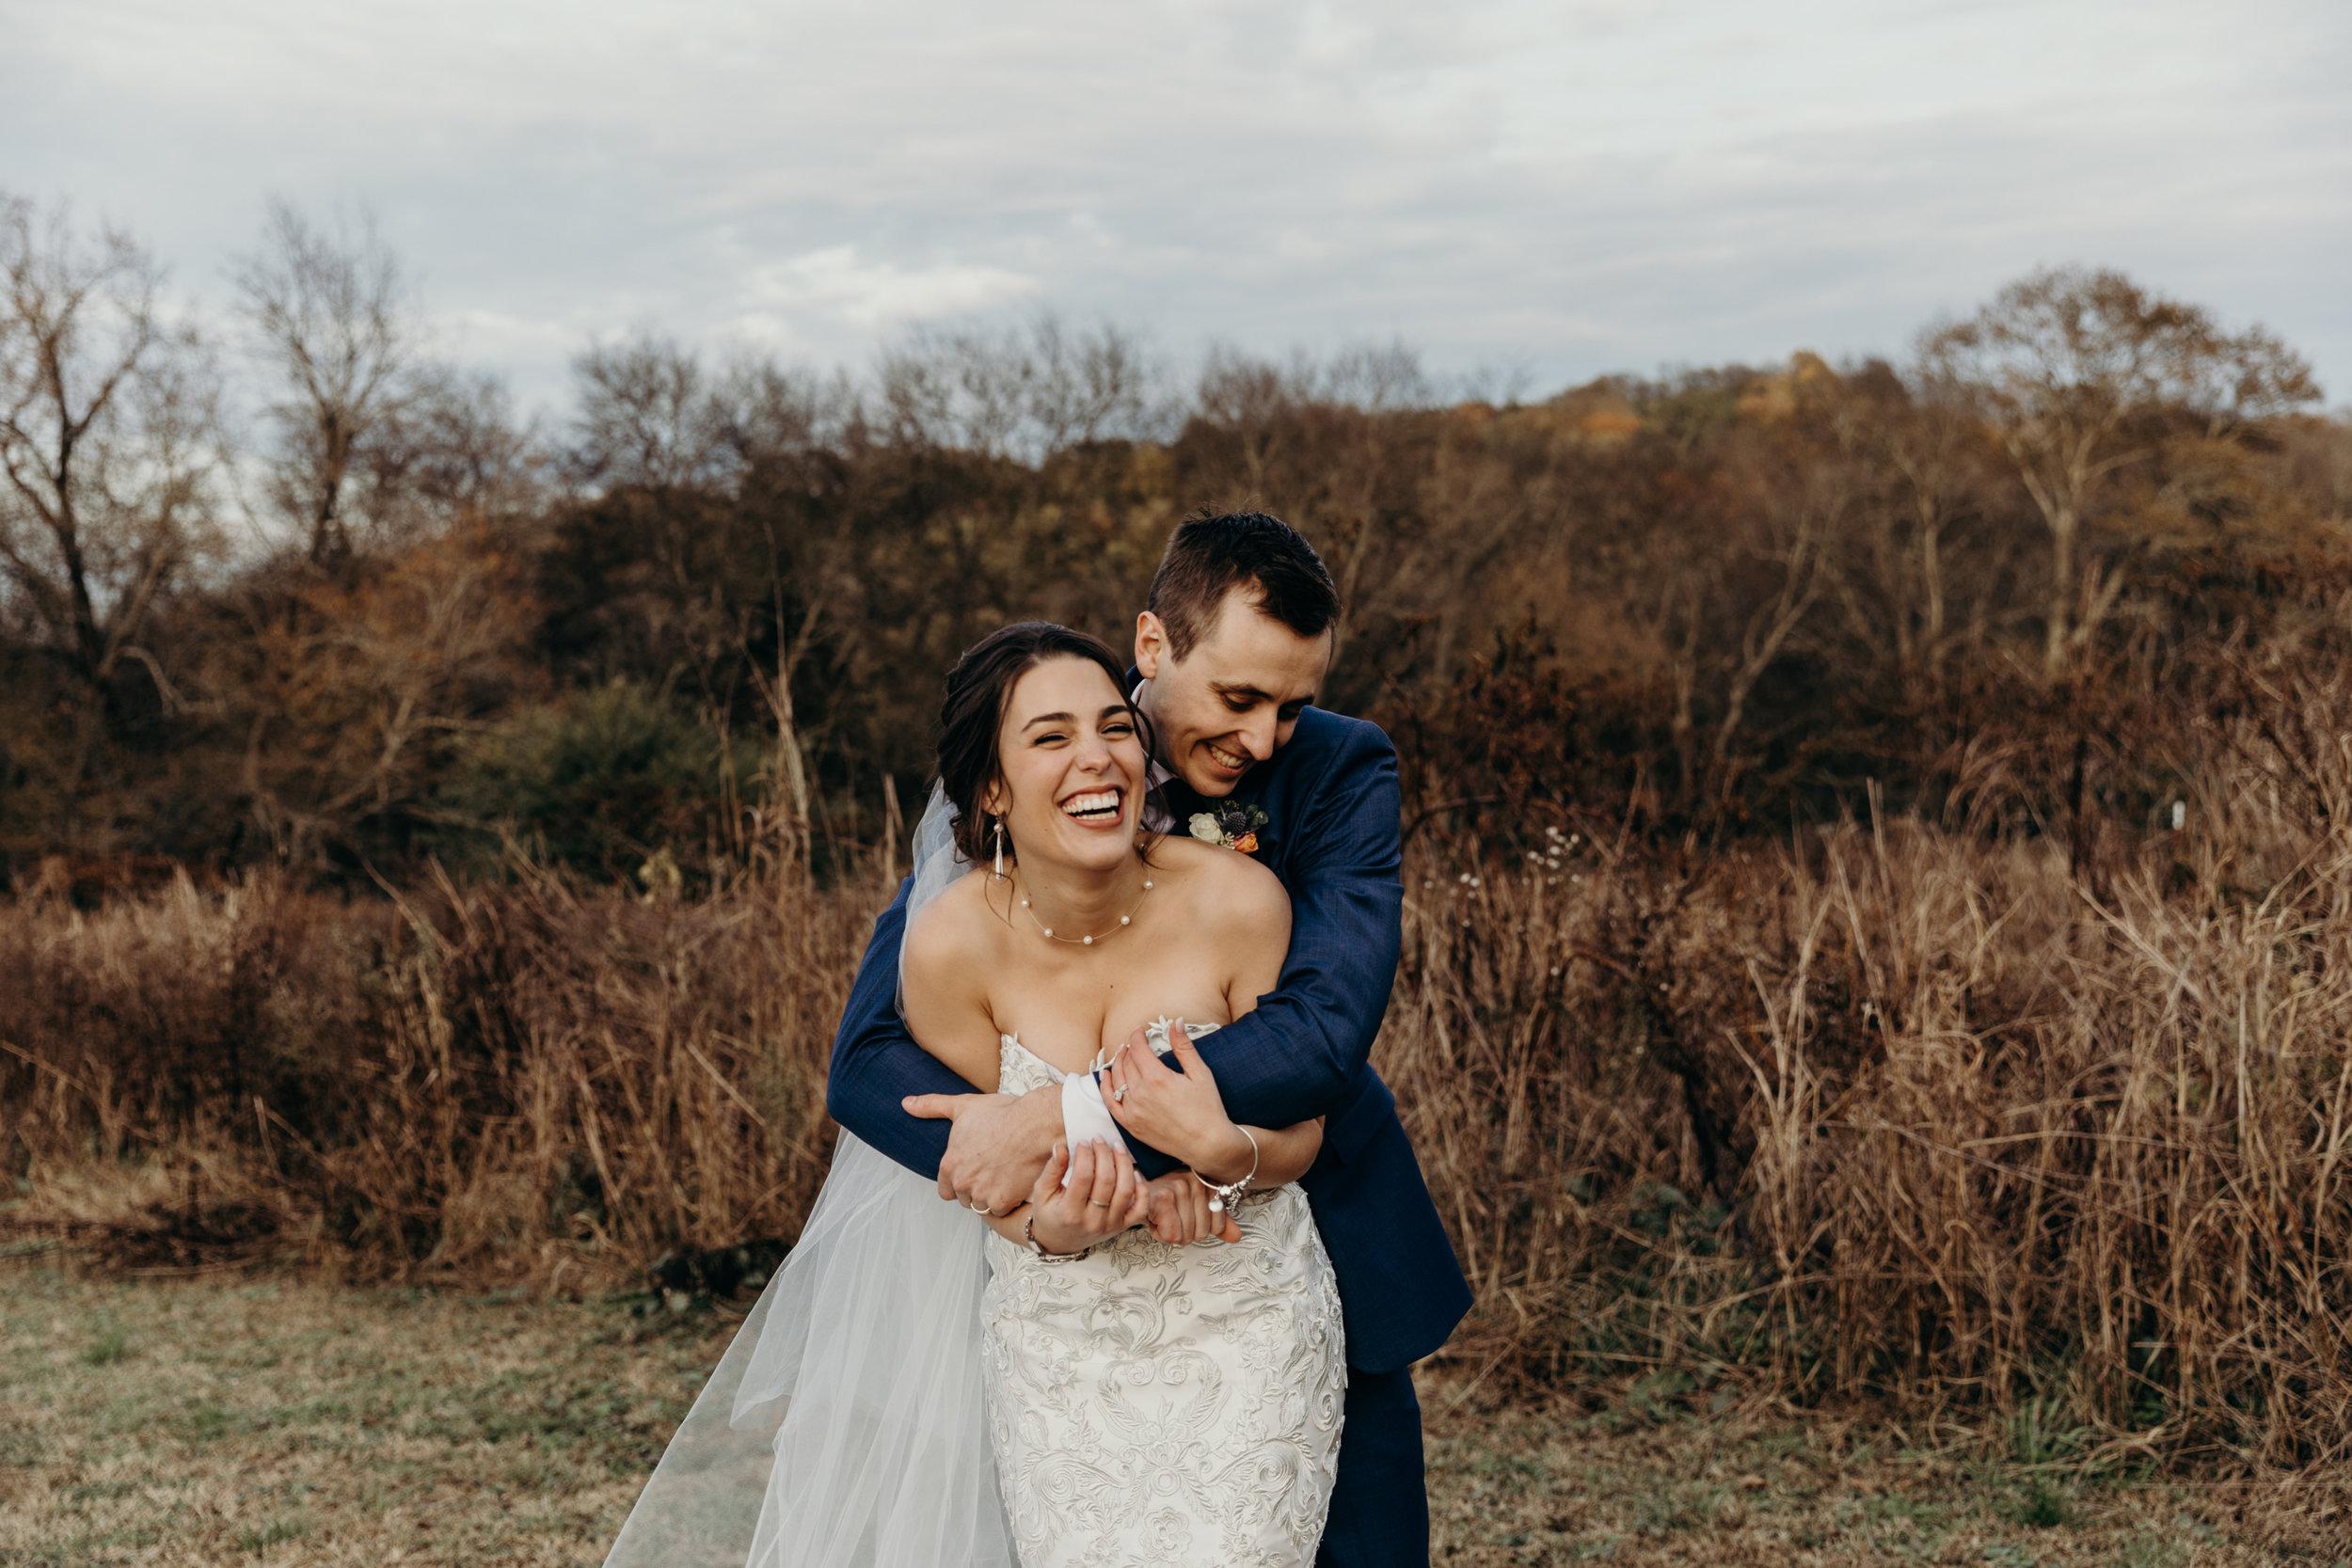 644-ltw-morgan-adam-wedding.jpg